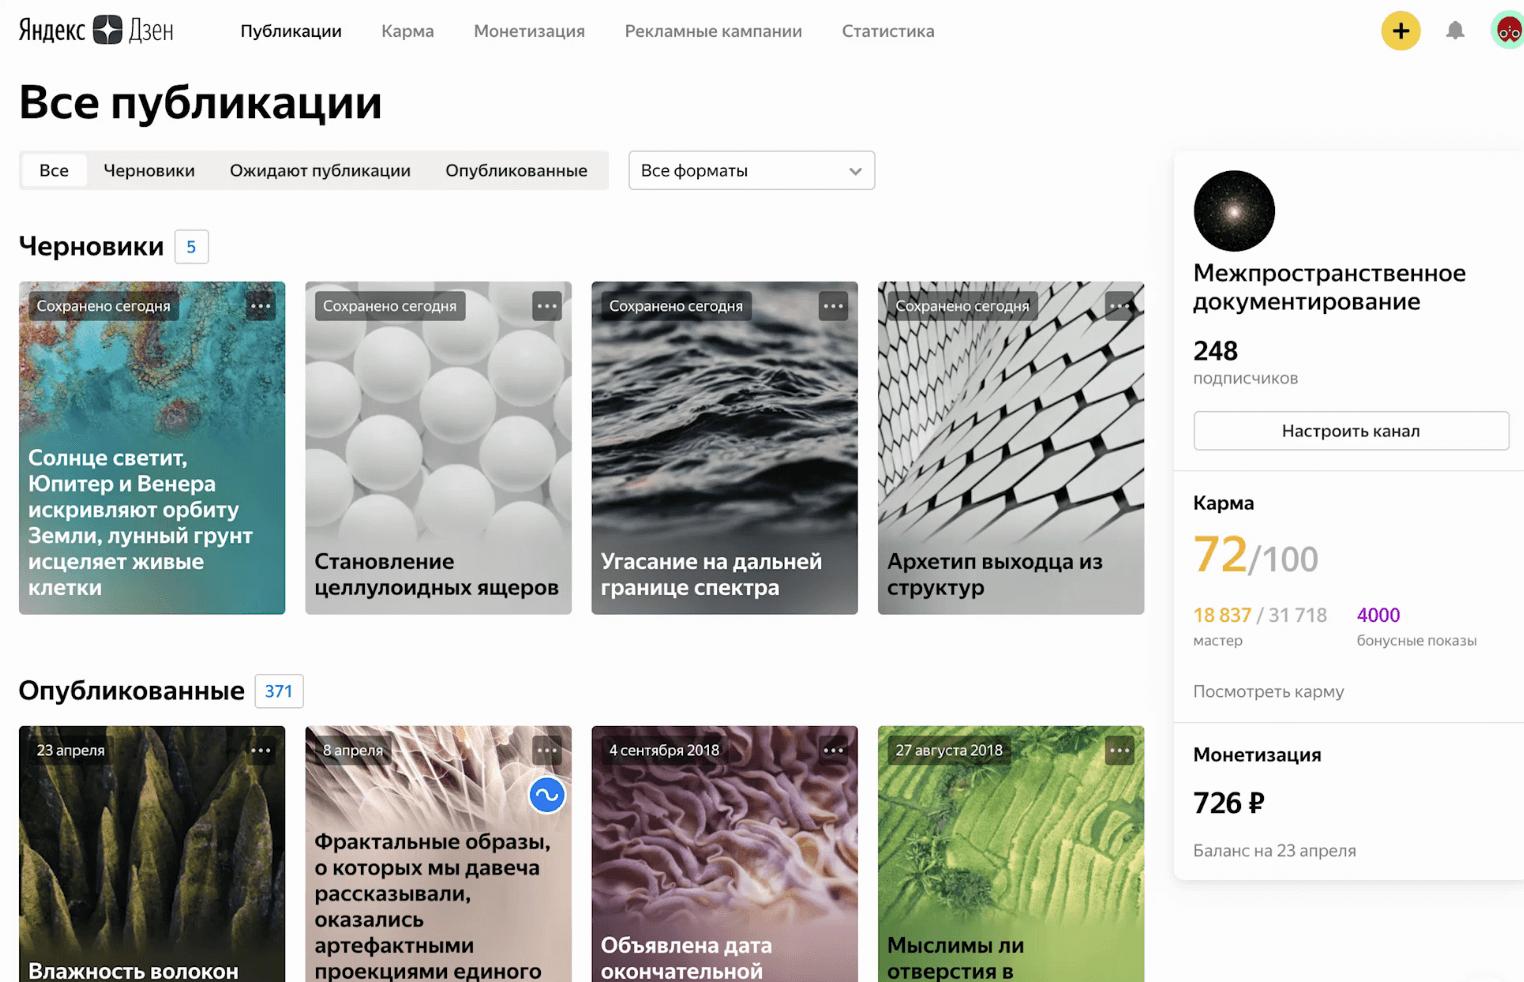 Яндекс.Дзен показал, как будет выглядеть декстопный Редактор